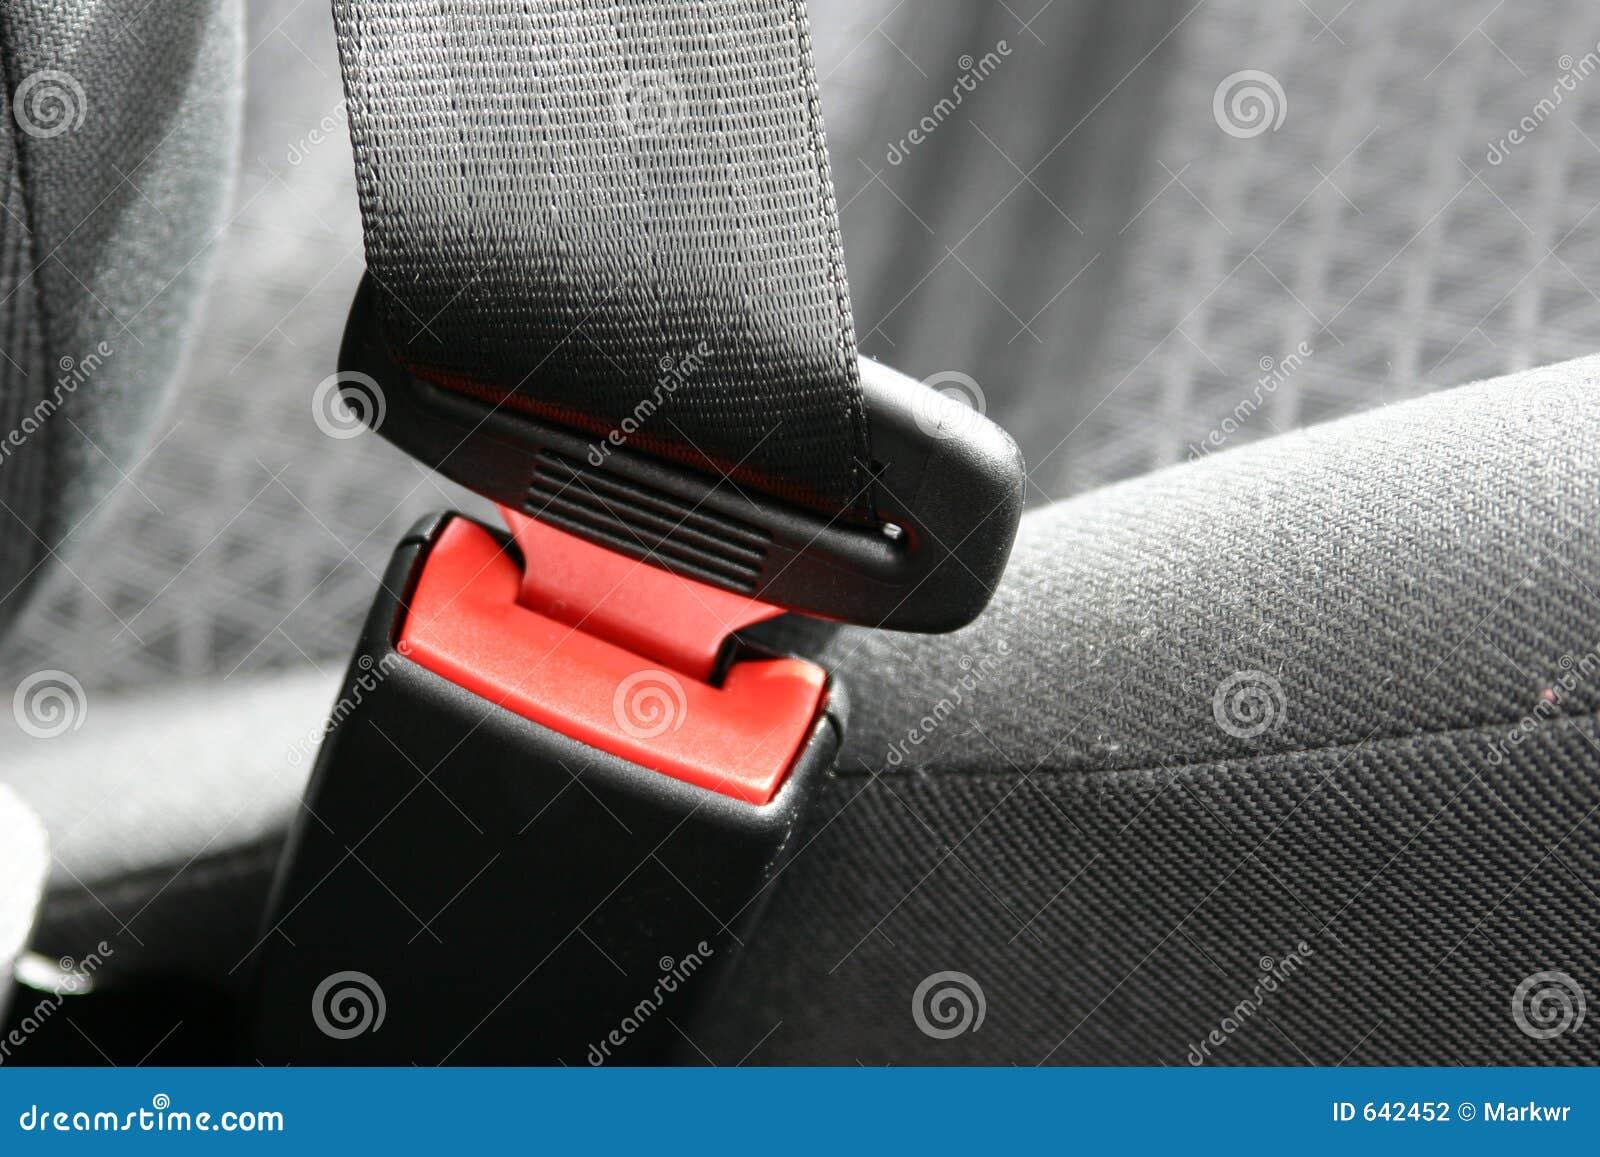 car seat belt restraint stock photography image 642452. Black Bedroom Furniture Sets. Home Design Ideas